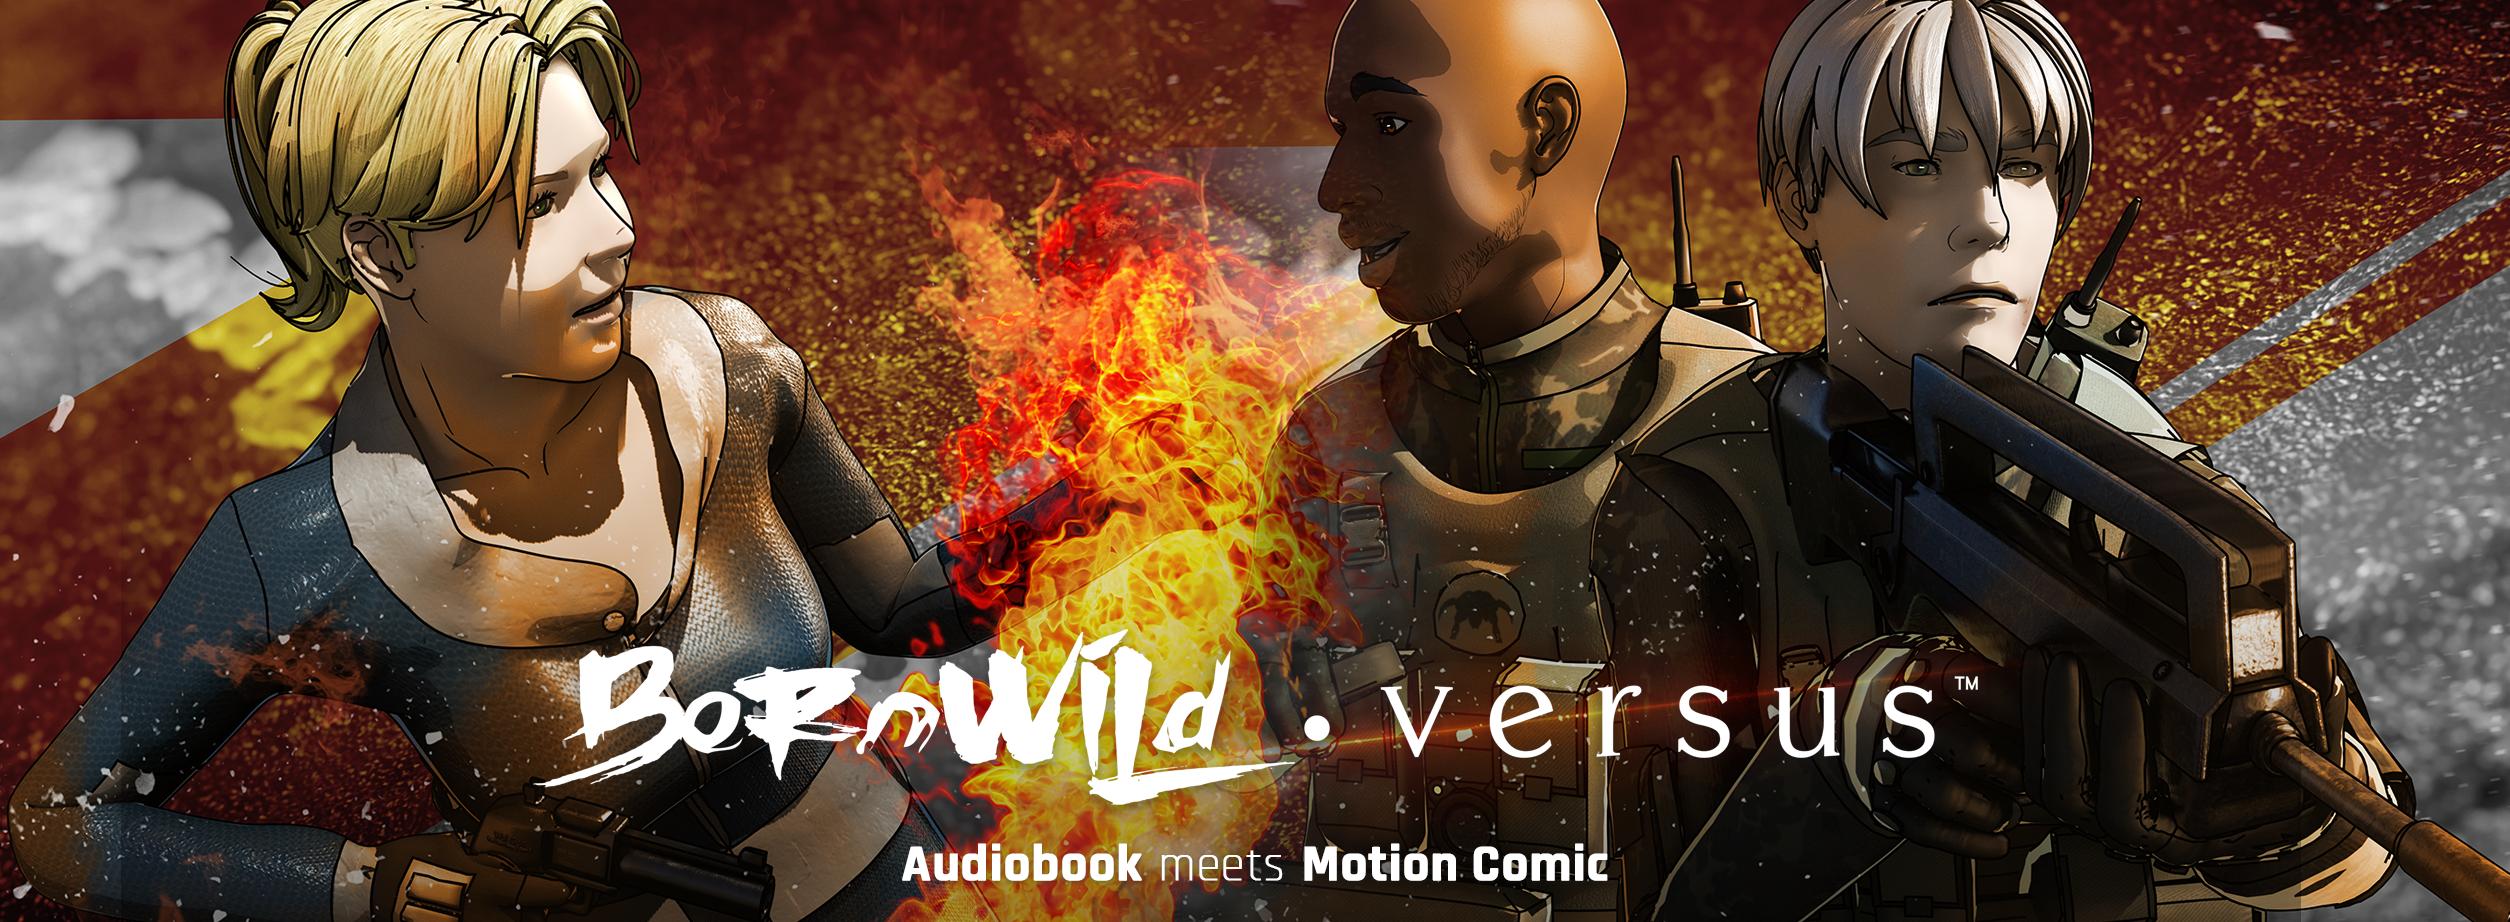 BornWild • Versus - Episode 2